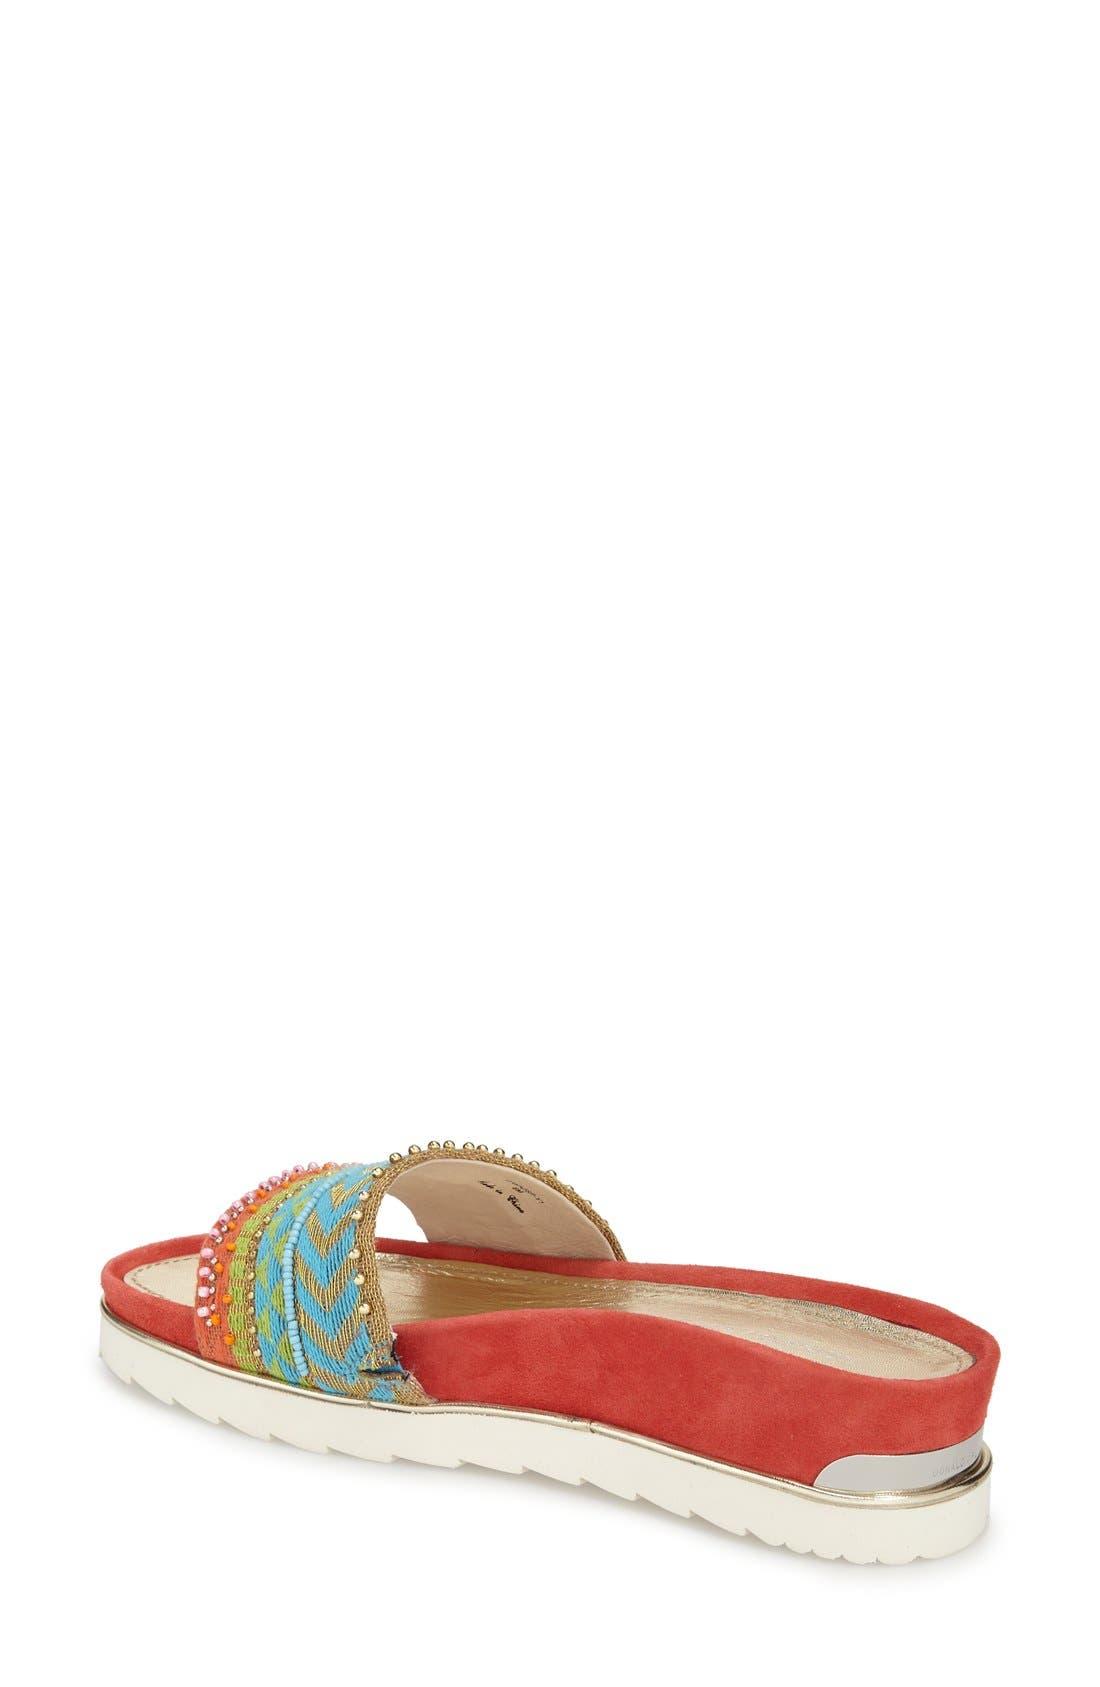 Cava Slide Sandal,                             Alternate thumbnail 36, color,